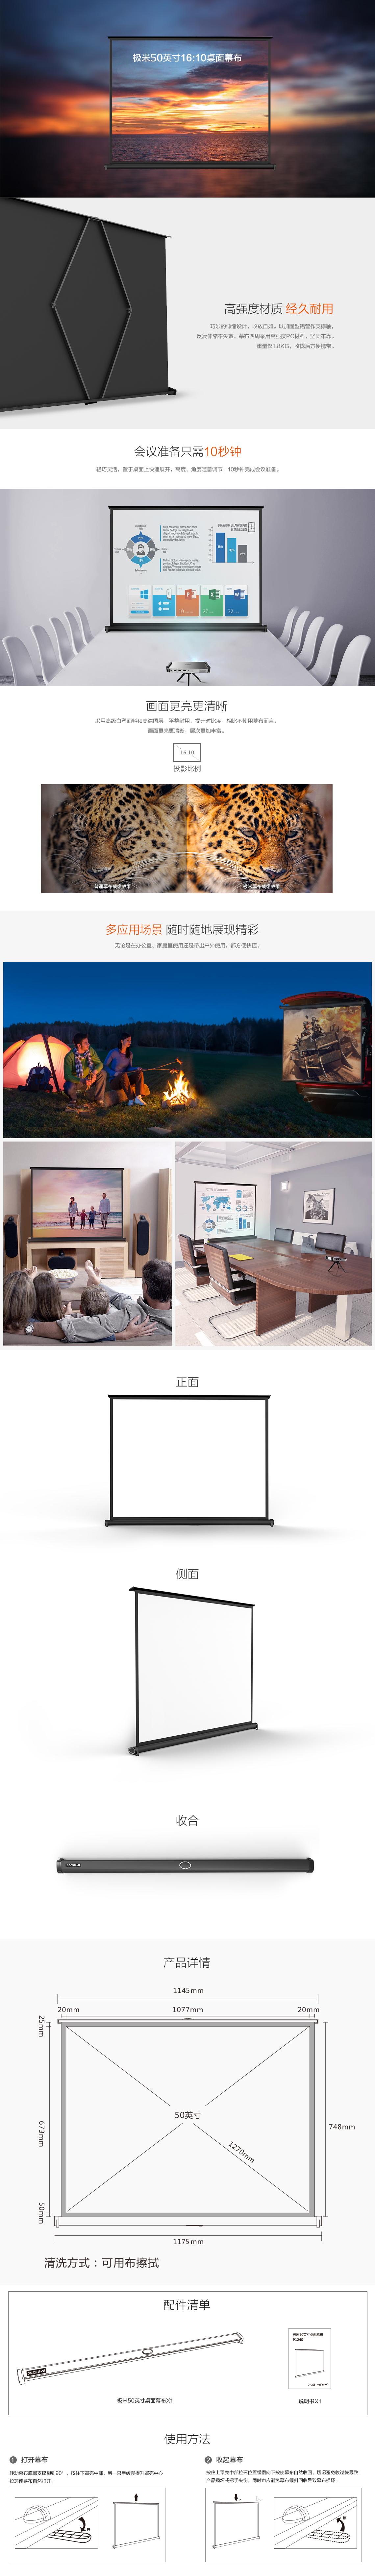 极米 XGIMI 50英寸16:10桌面幕布 轻活灵巧,重量仅1.8KG | 置于桌面上快速展开 收拢后方便携带 | 高度角度随意调节